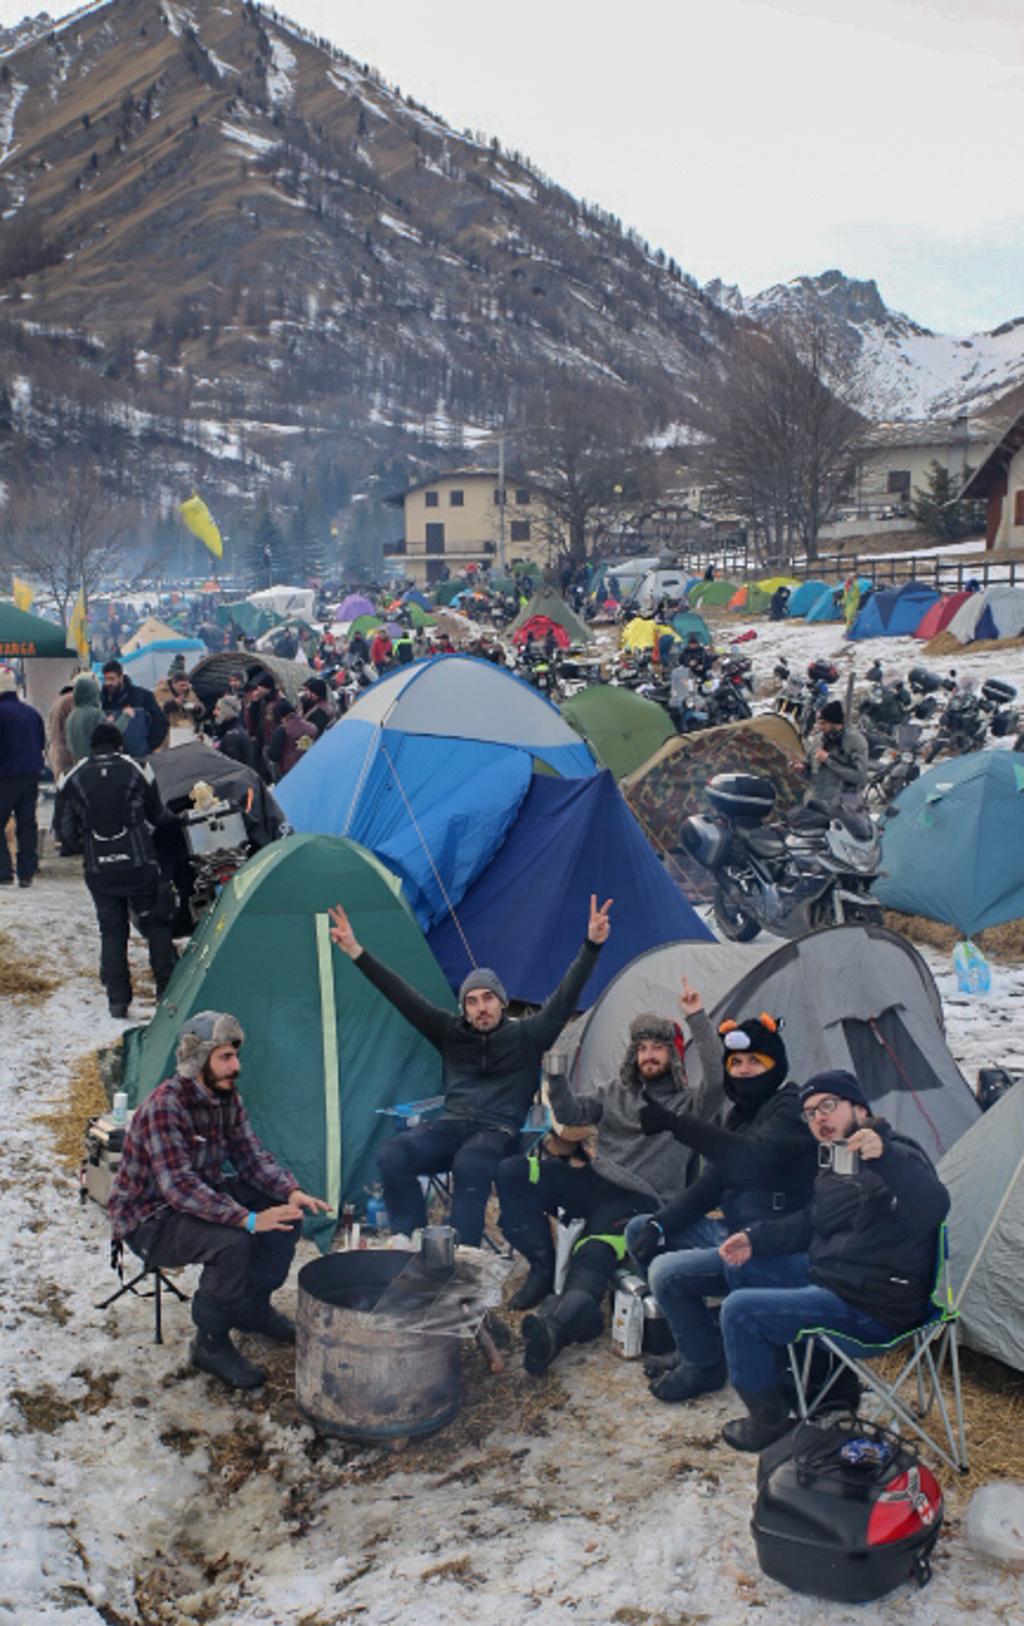 AGNELLOTREFFEN  À Pontechianale en Vallée Varaita (Cuneo)  ITALIE     , du 25 au 27 janvier 2019. Img_8623